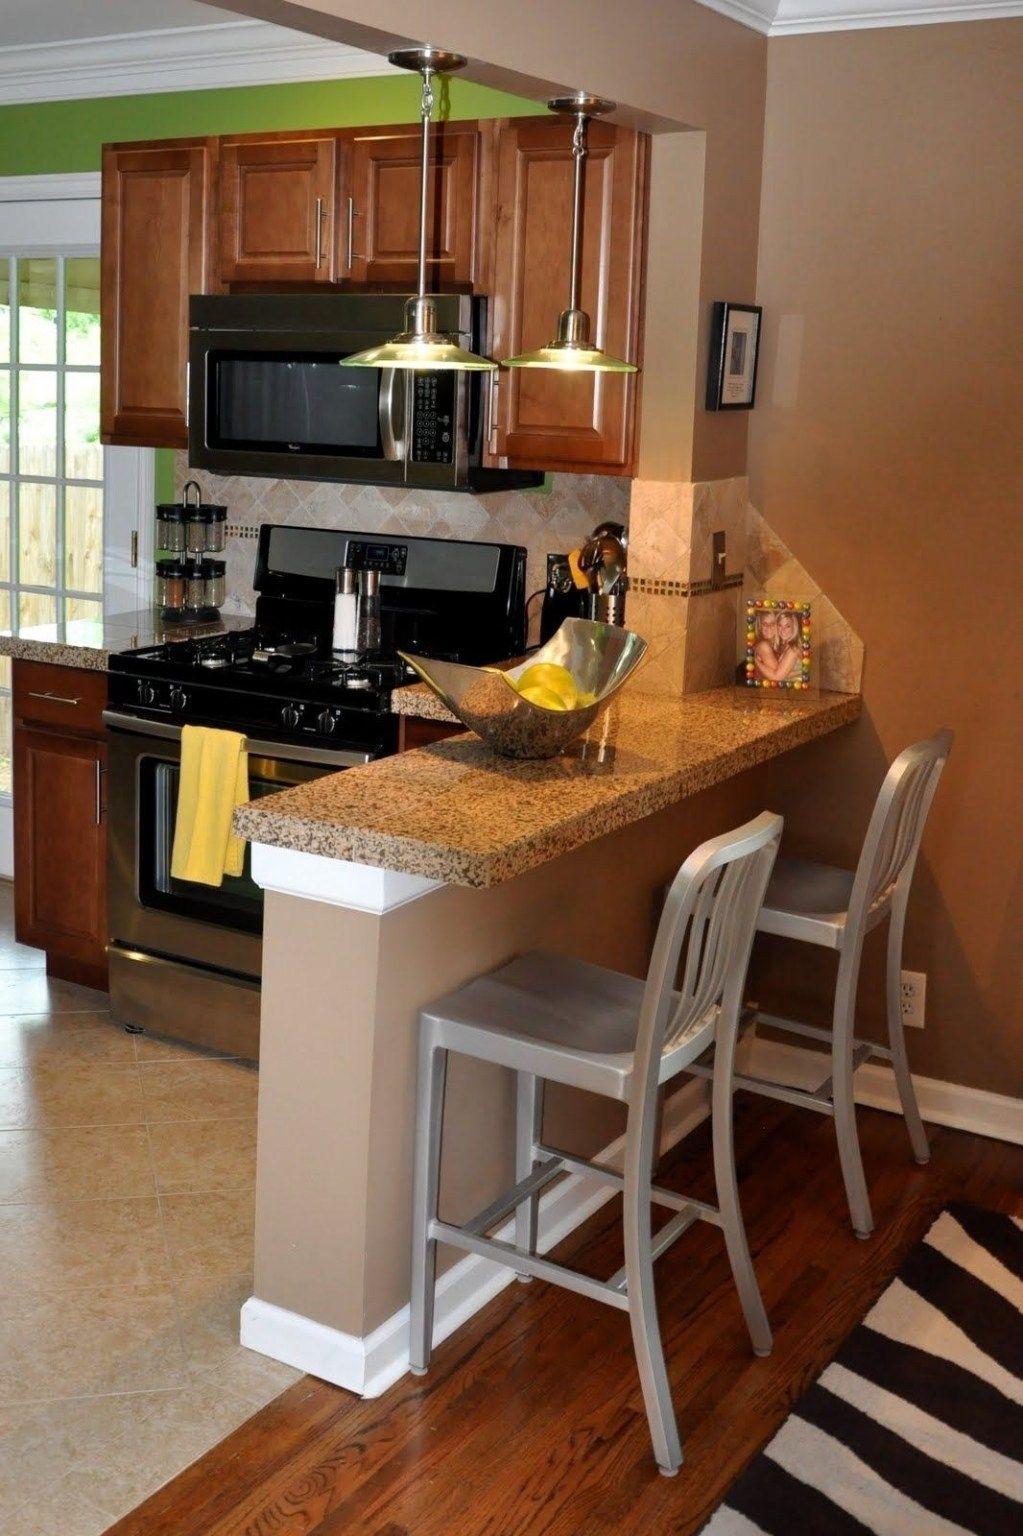 Best divider breakfast bar 9 for your home design furniture ...